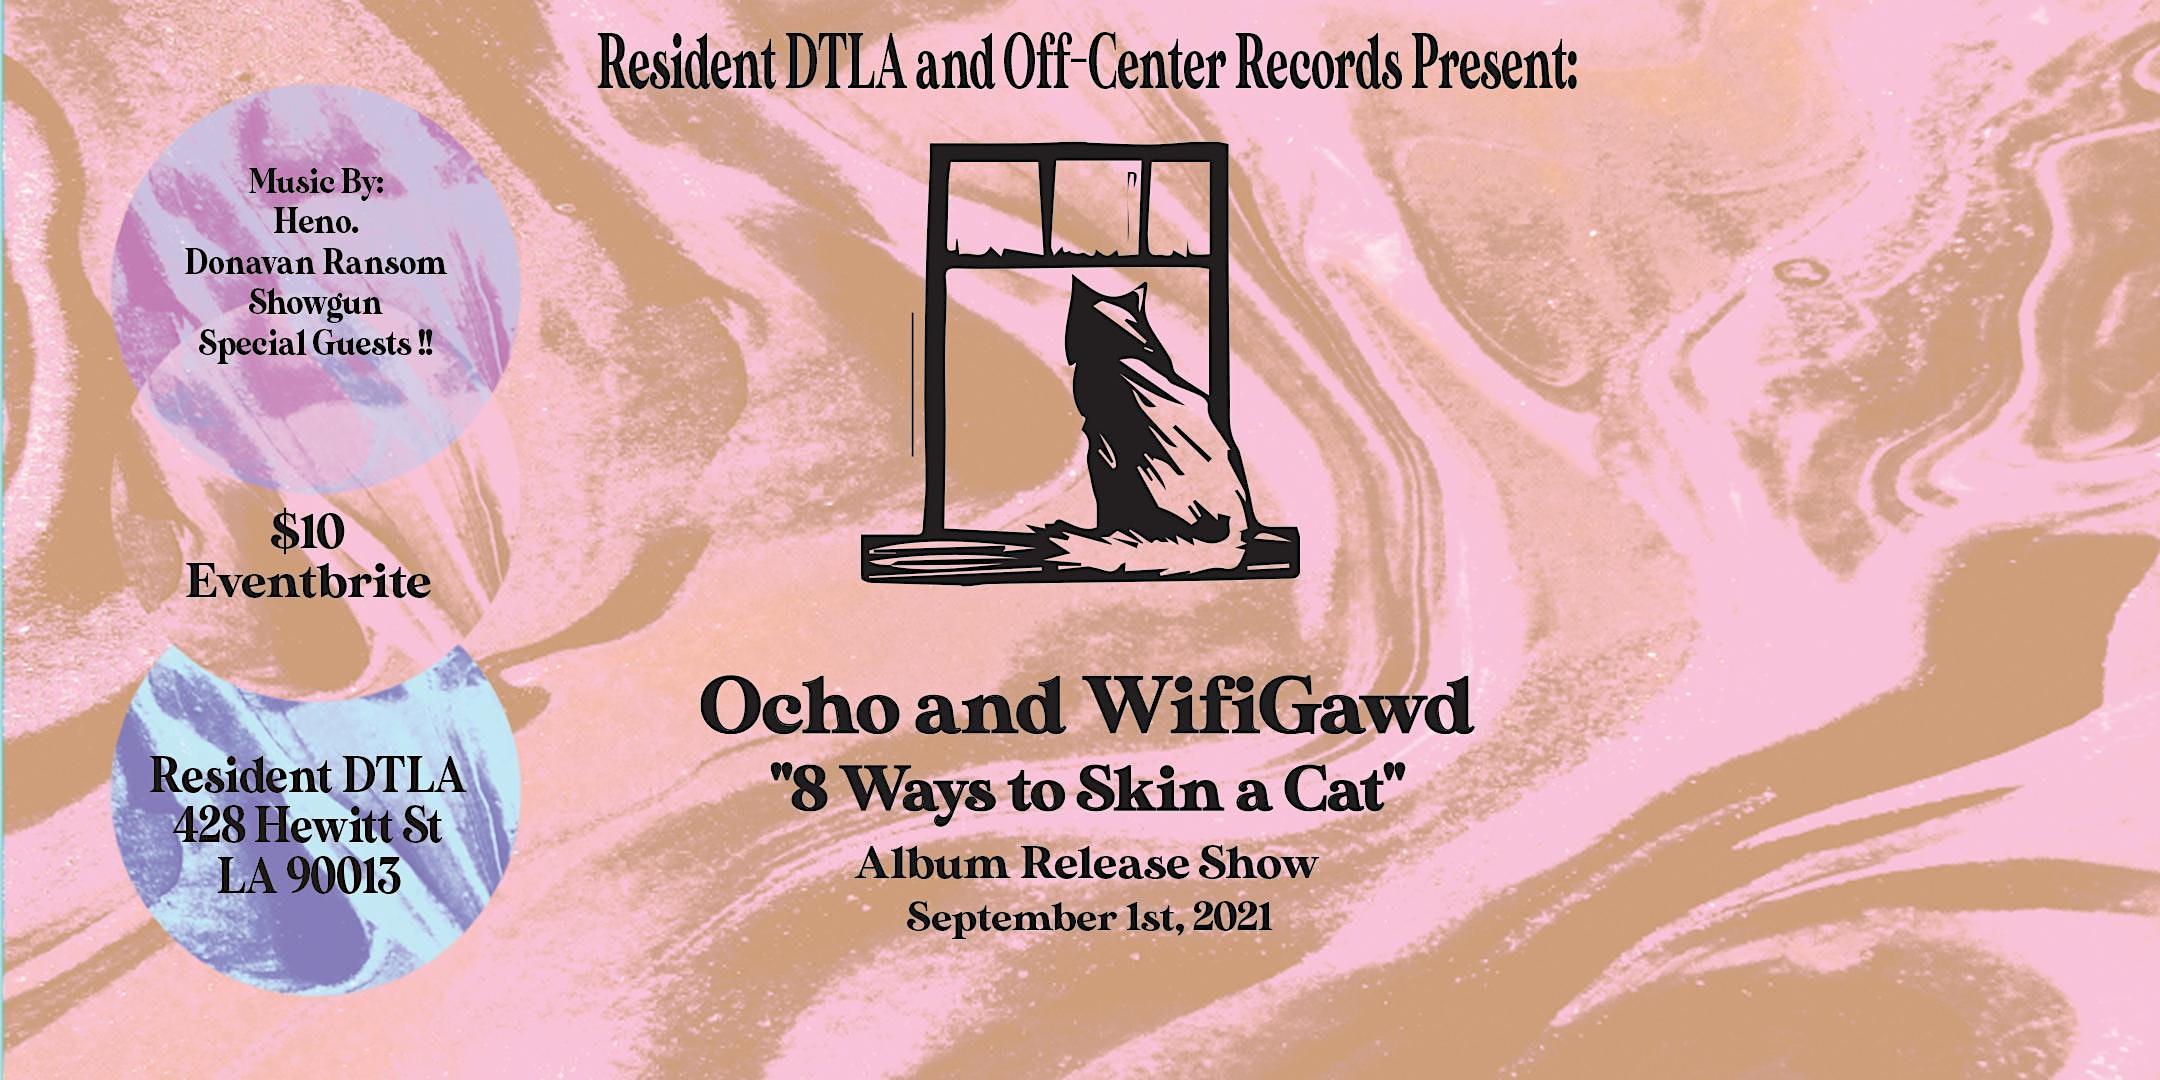 Ocho and WifiGawd